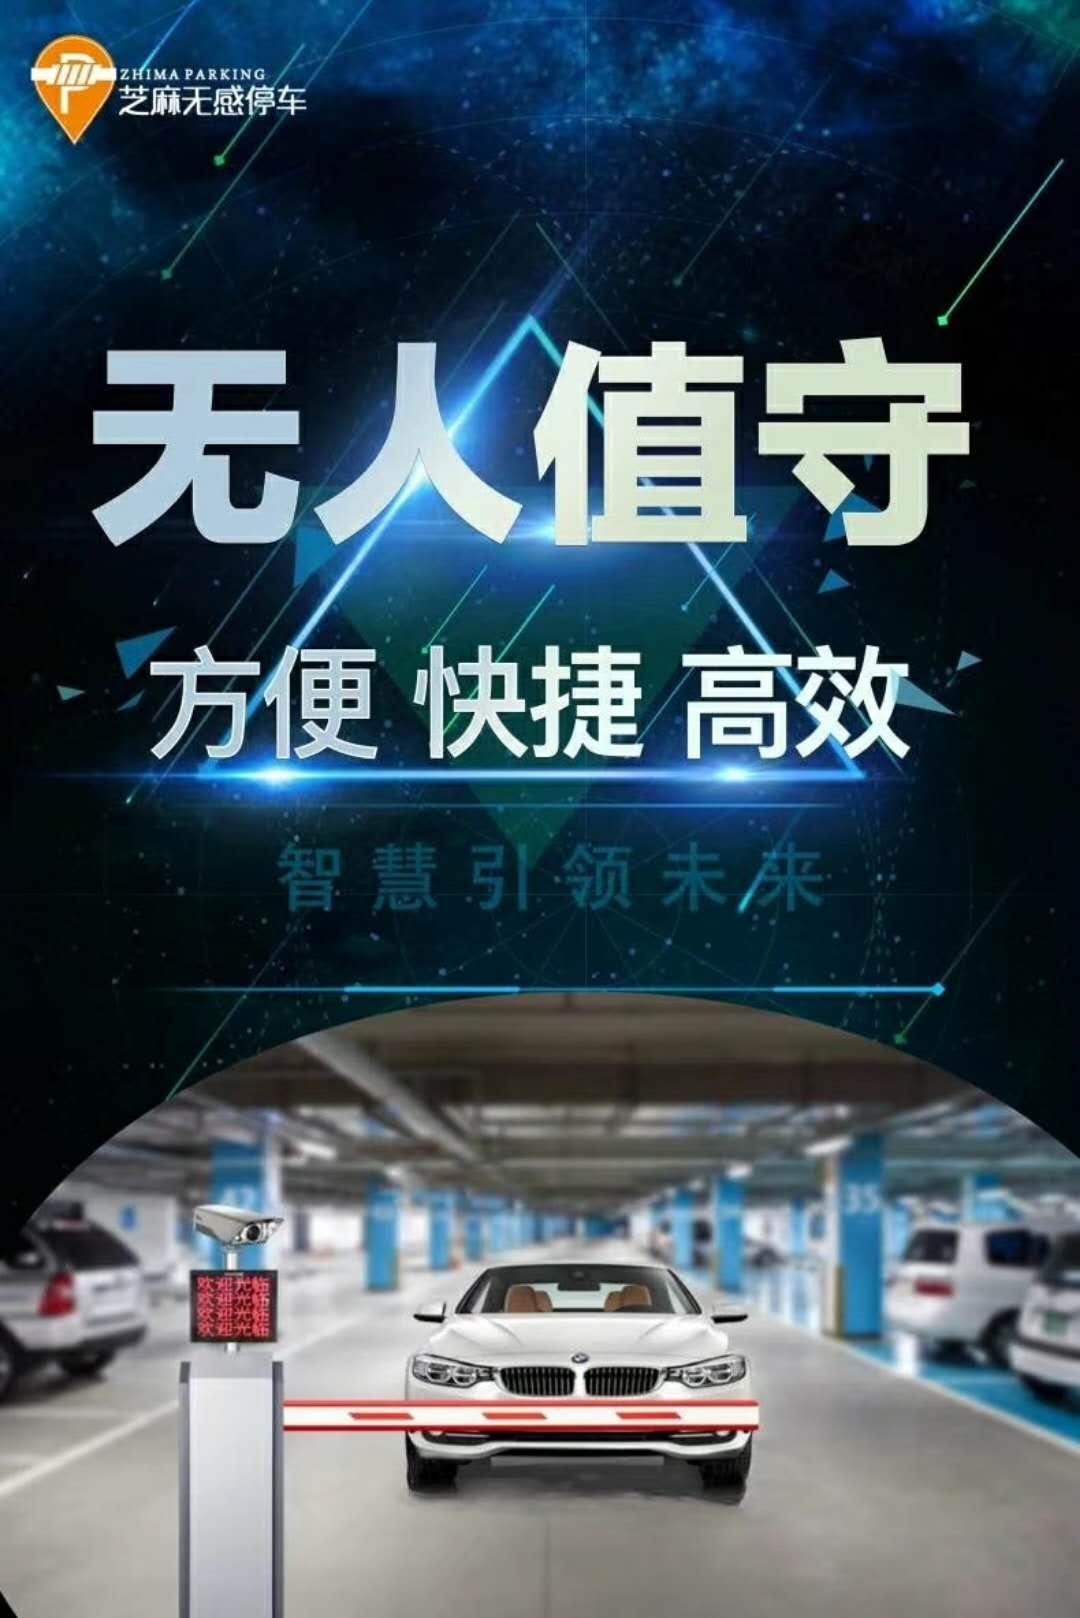 深圳智能停车场设备十大品牌大图